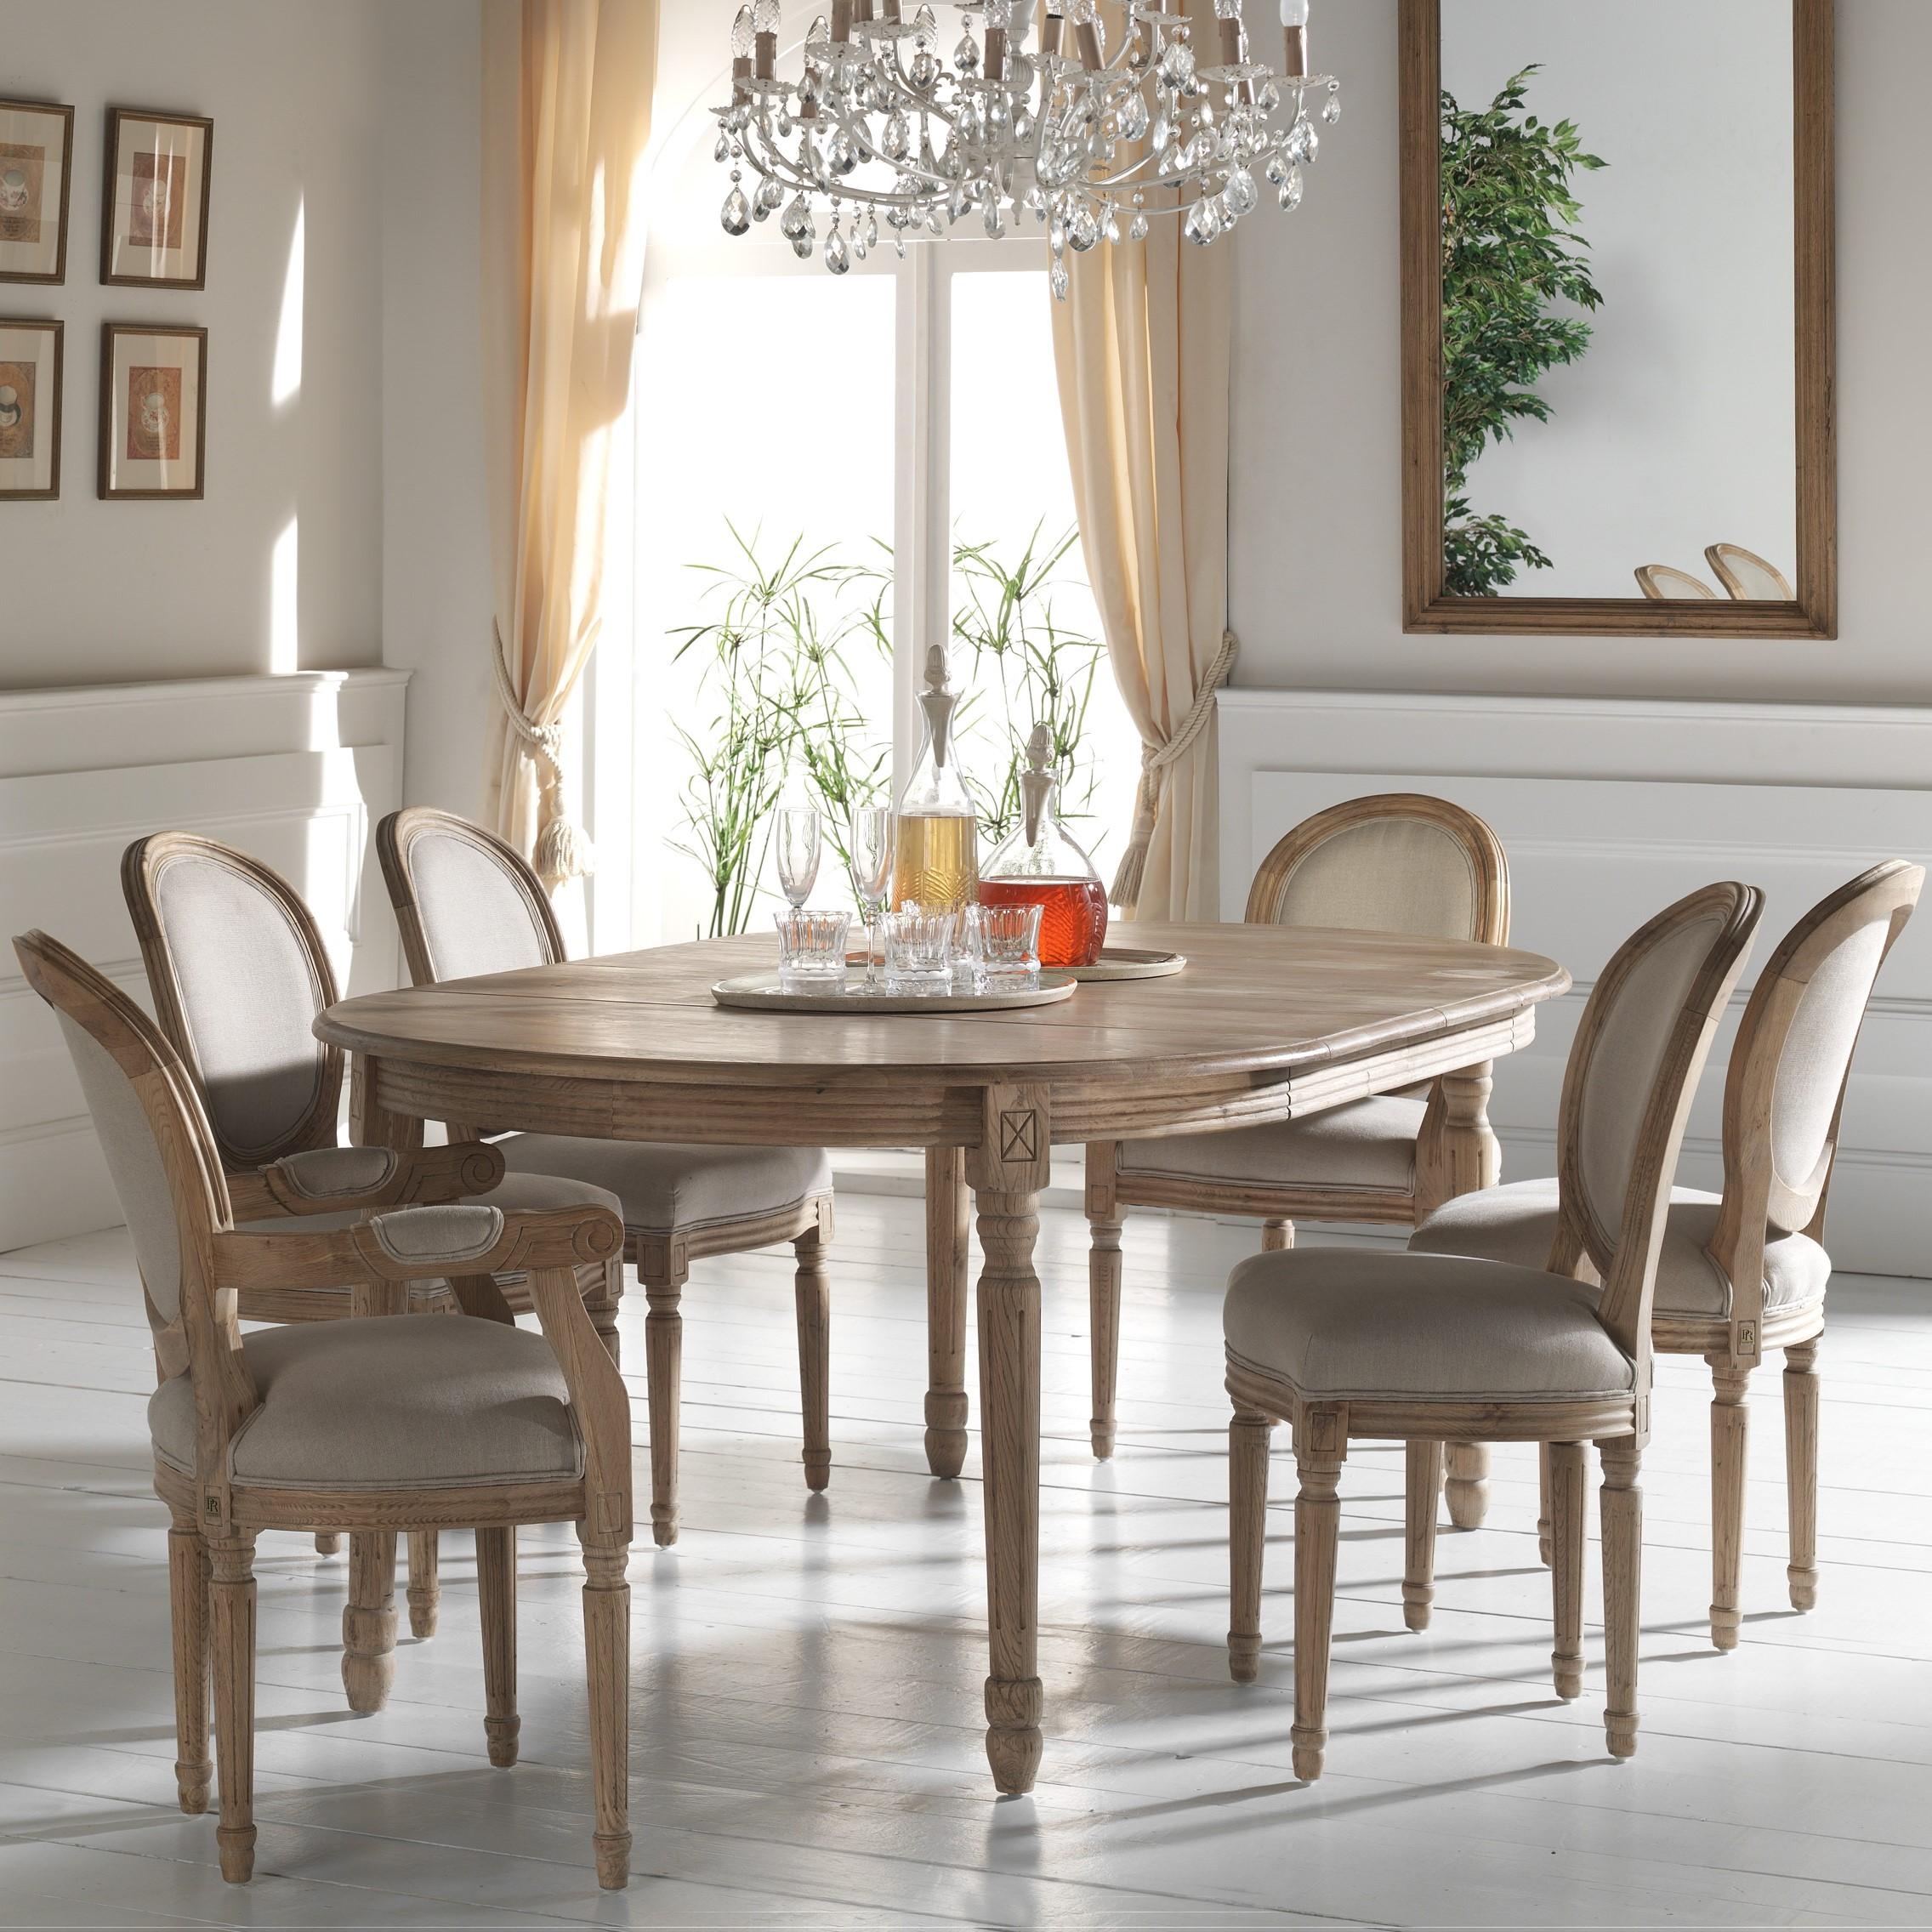 Table à manger extensible Classique chic Chêne massif 120 ...